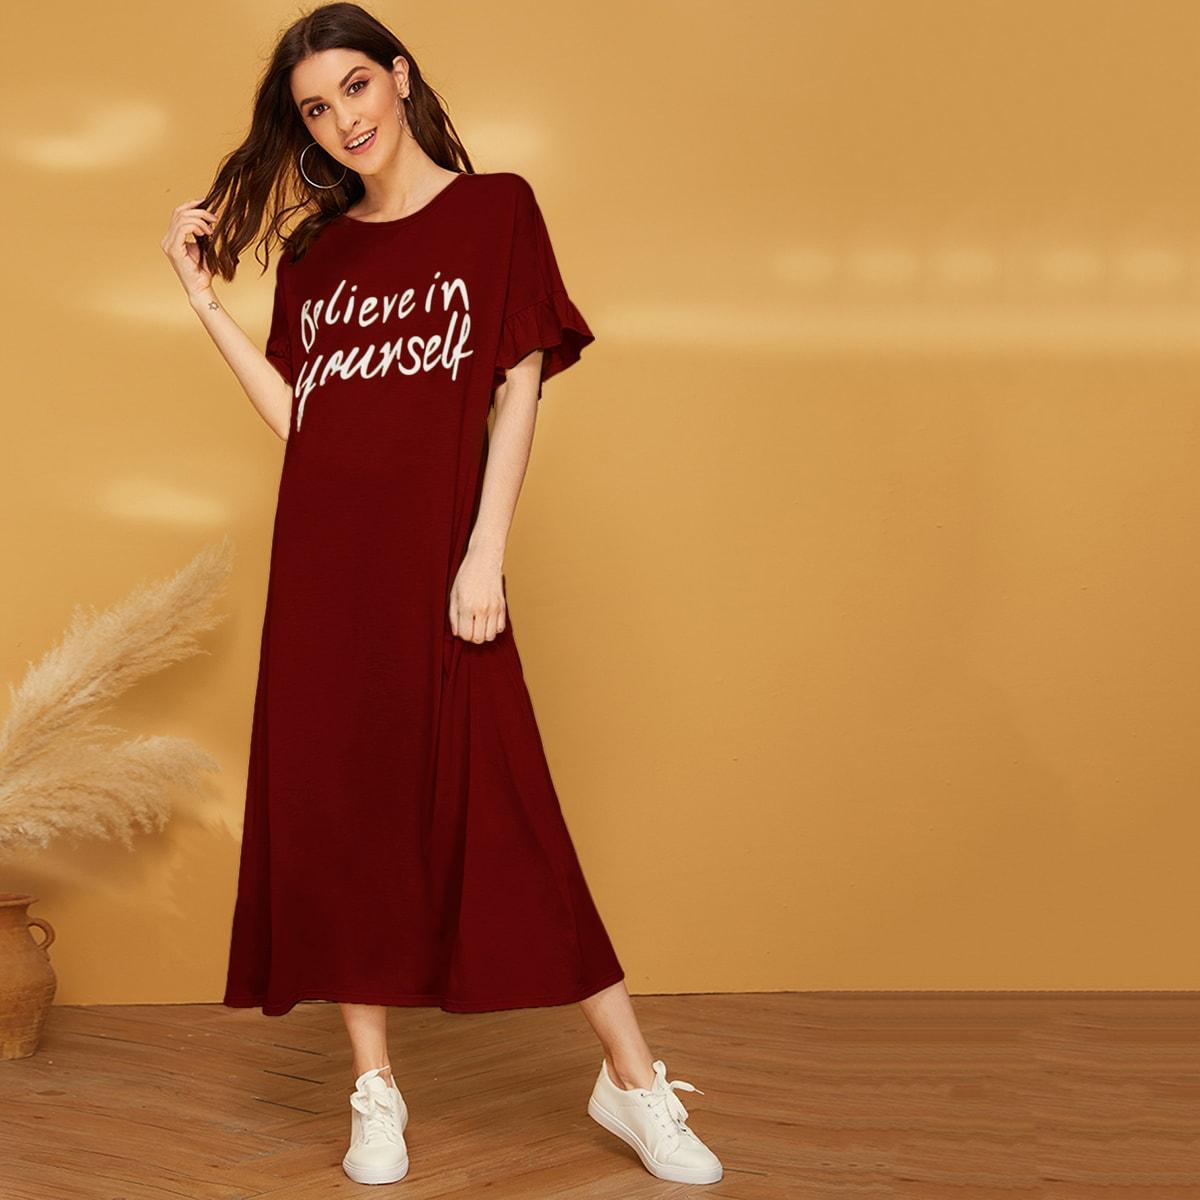 Ночная рубашка с текстовым принтом